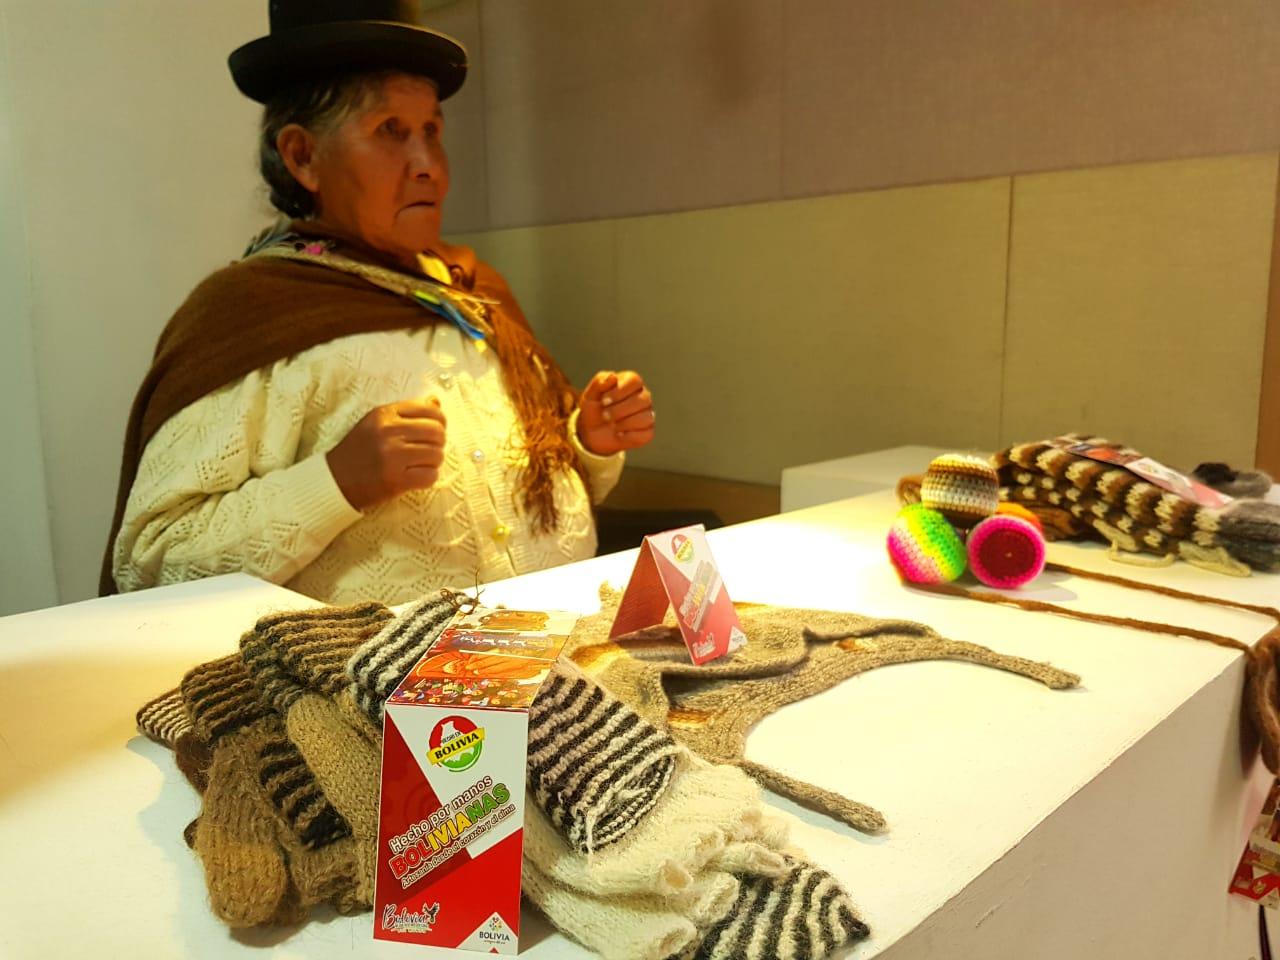 Artesanas de Copacabana exponen en la Casa del Artista en la ciudad de La Paz